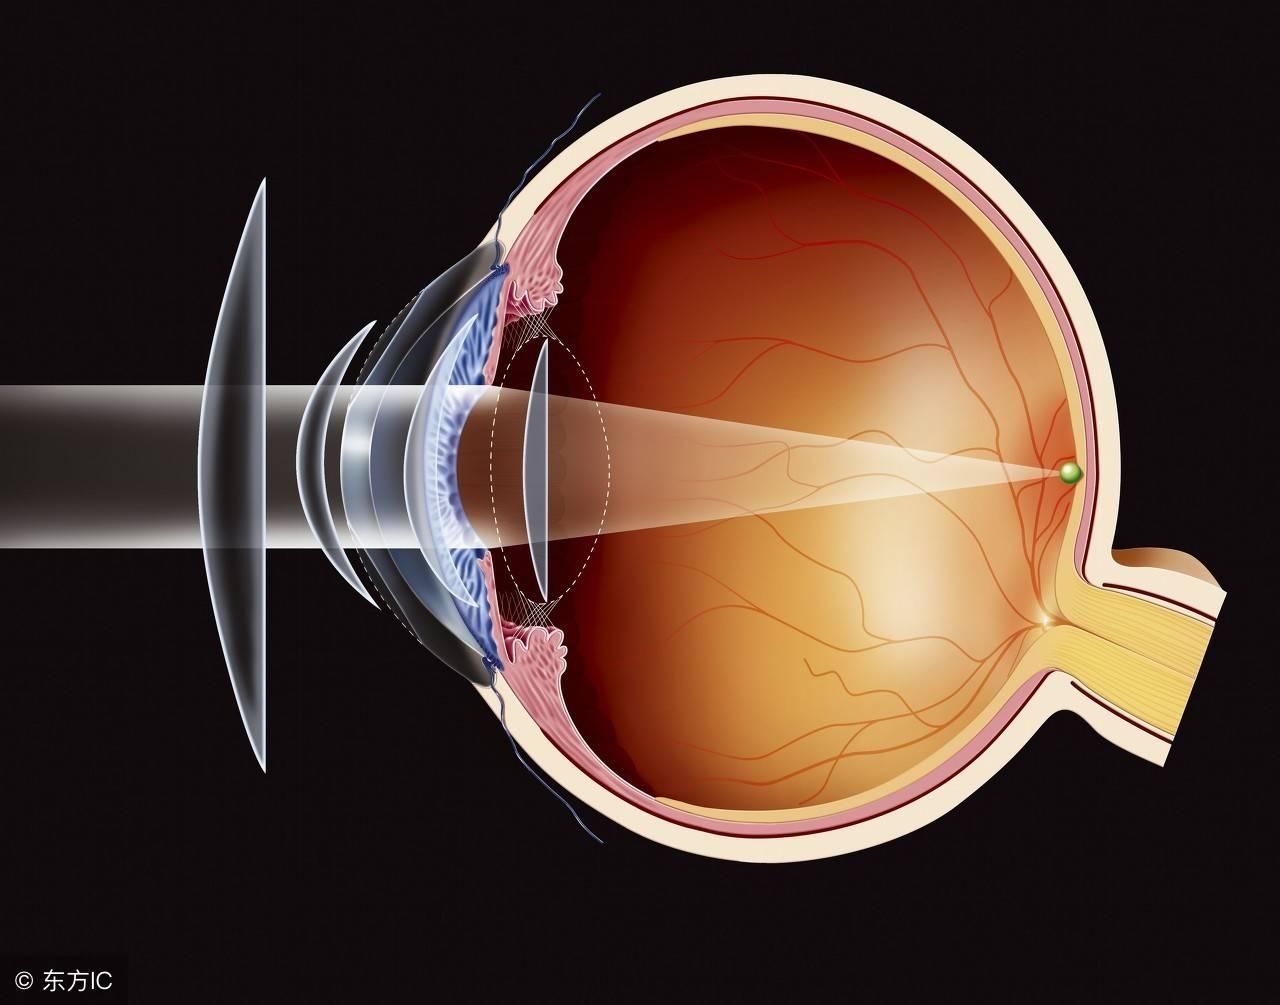 眼睛突出怎么使凹下去(突出的眼球如何矫正)插图